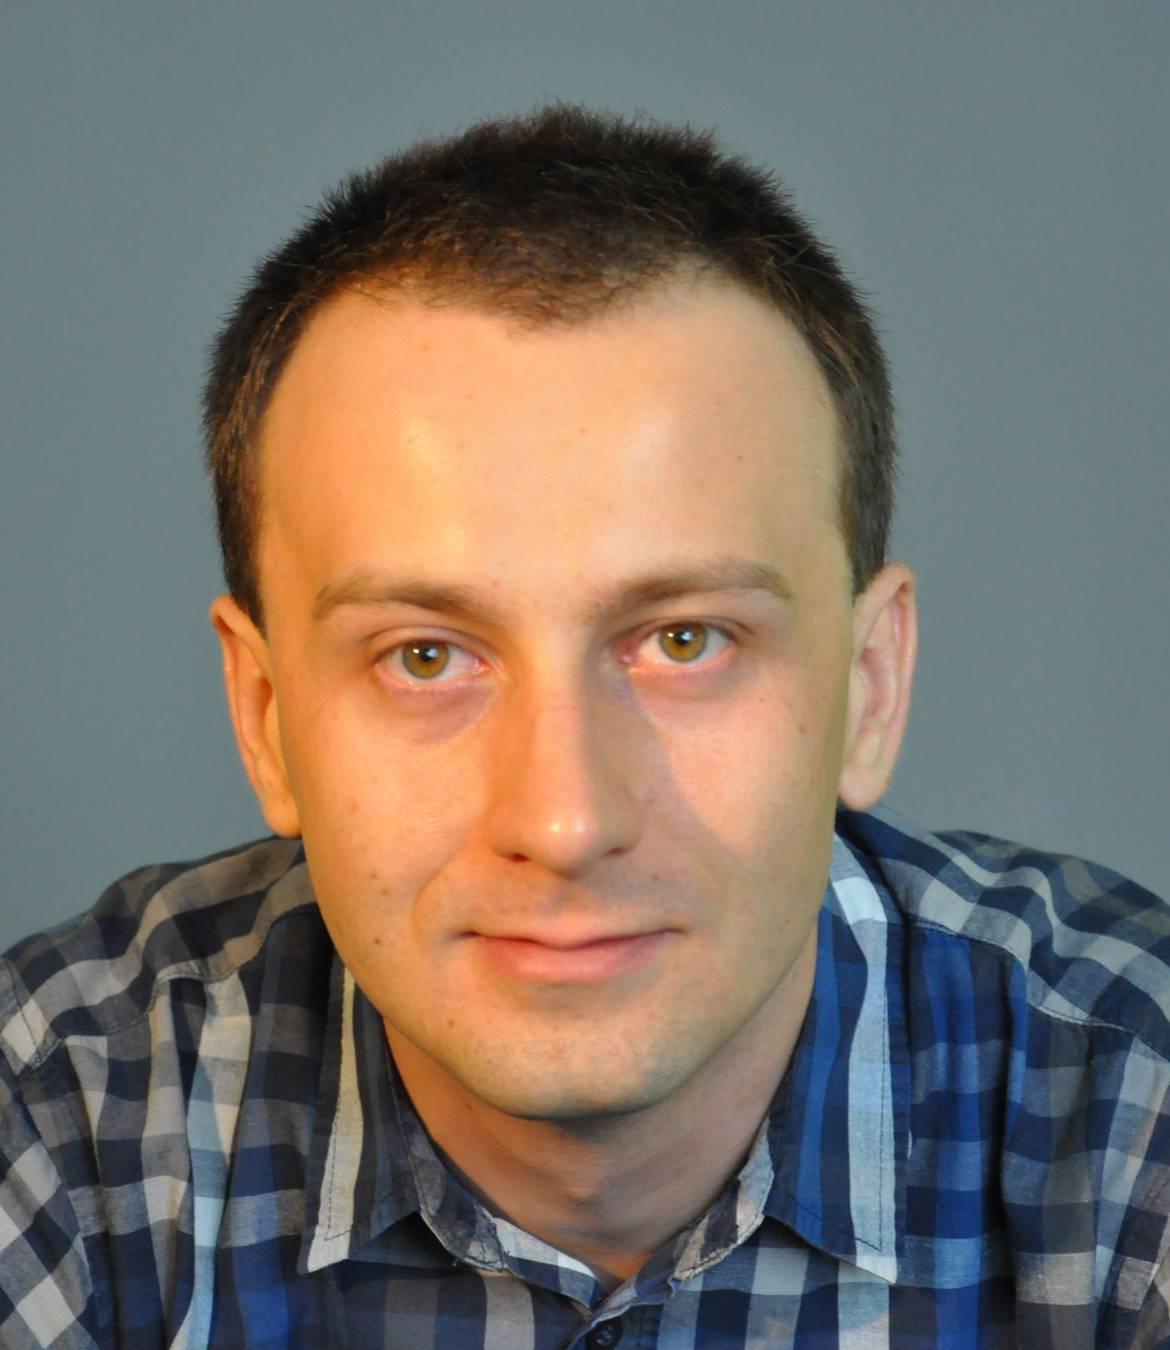 Tomasz-Bednarowicz.jpg